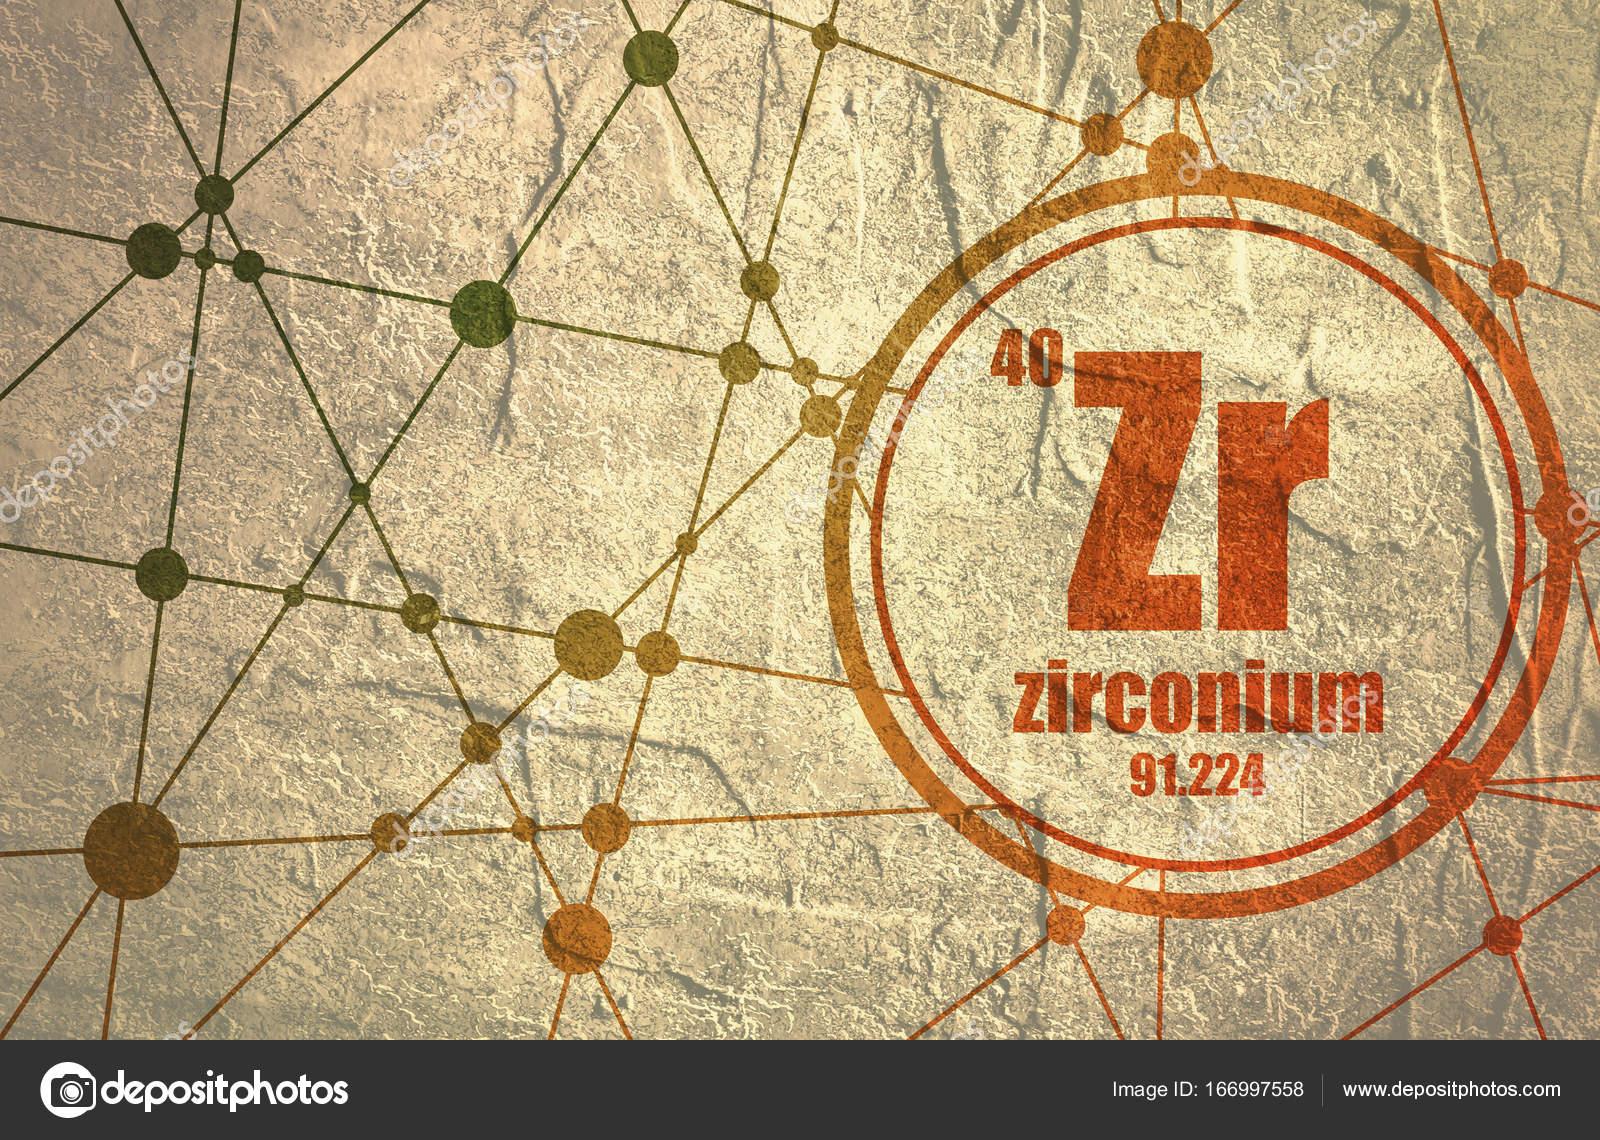 Elemento qumico de circonio foto de stock jegasra 166997558 elemento qumico de circonio firmar con el nmero atmico y peso atmico elemento qumico de tabla peridica molcula y el fondo de la comunicacin urtaz Choice Image